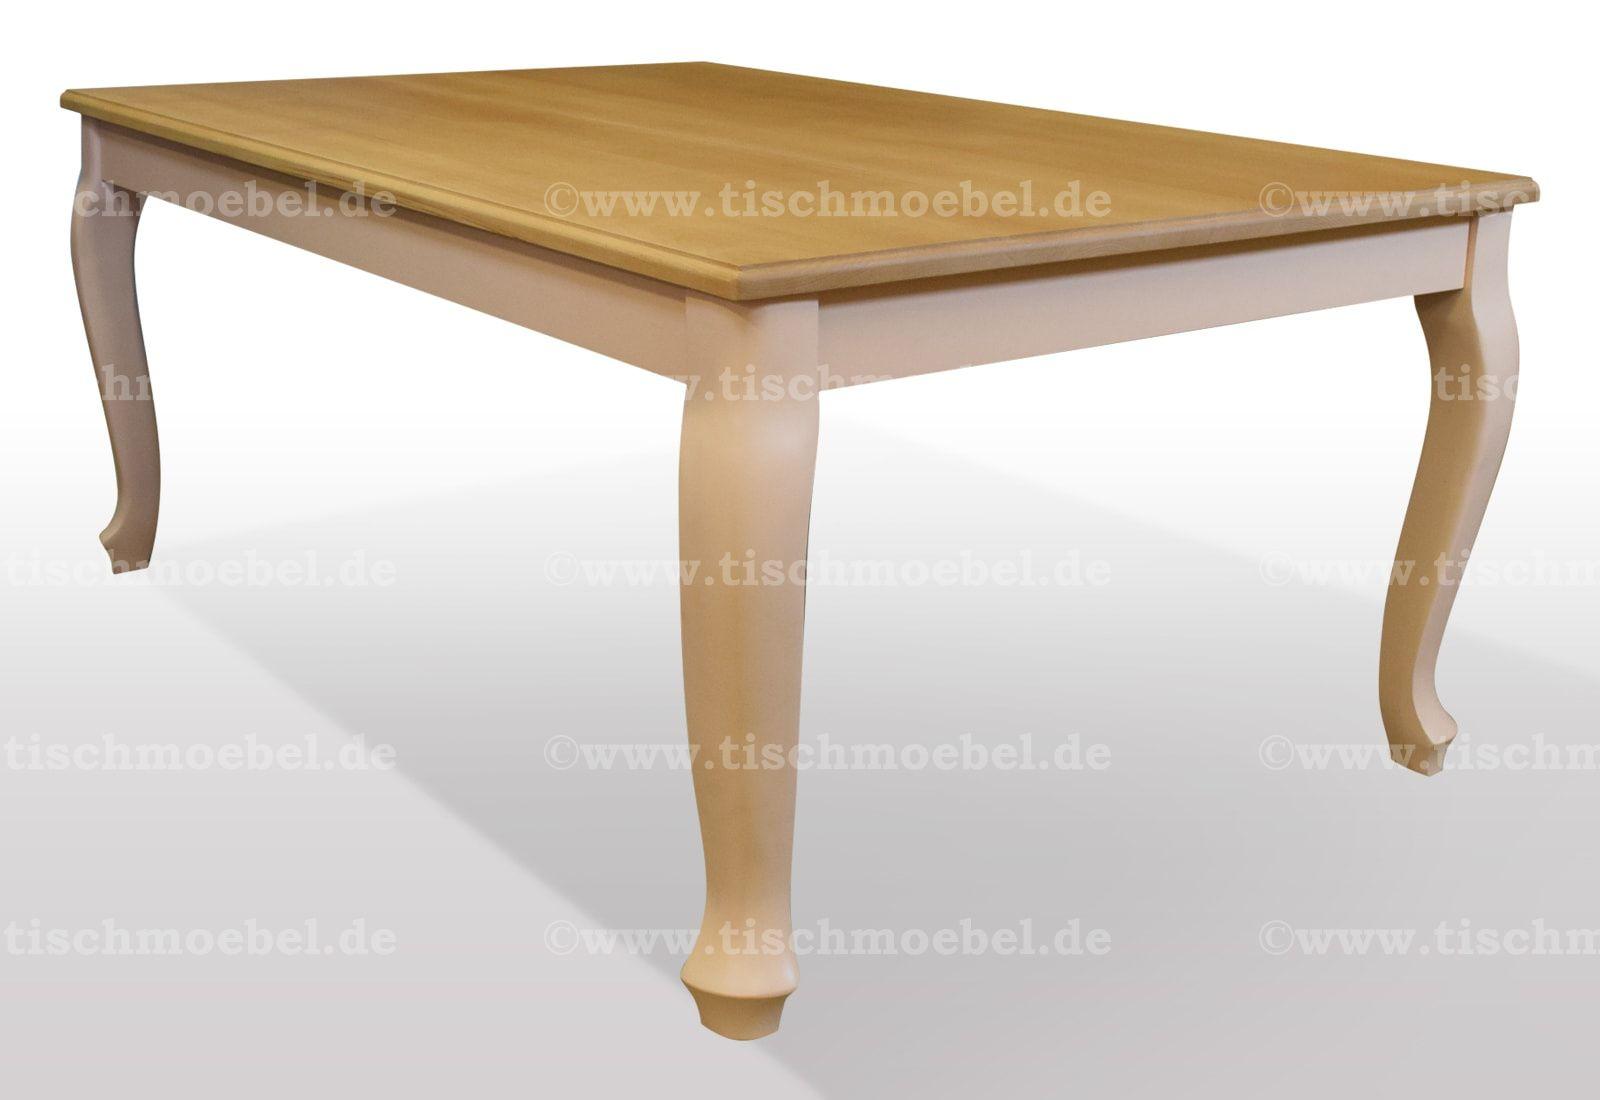 Tisch Buche massiv Breite 120cm / Länge wählbar (mit